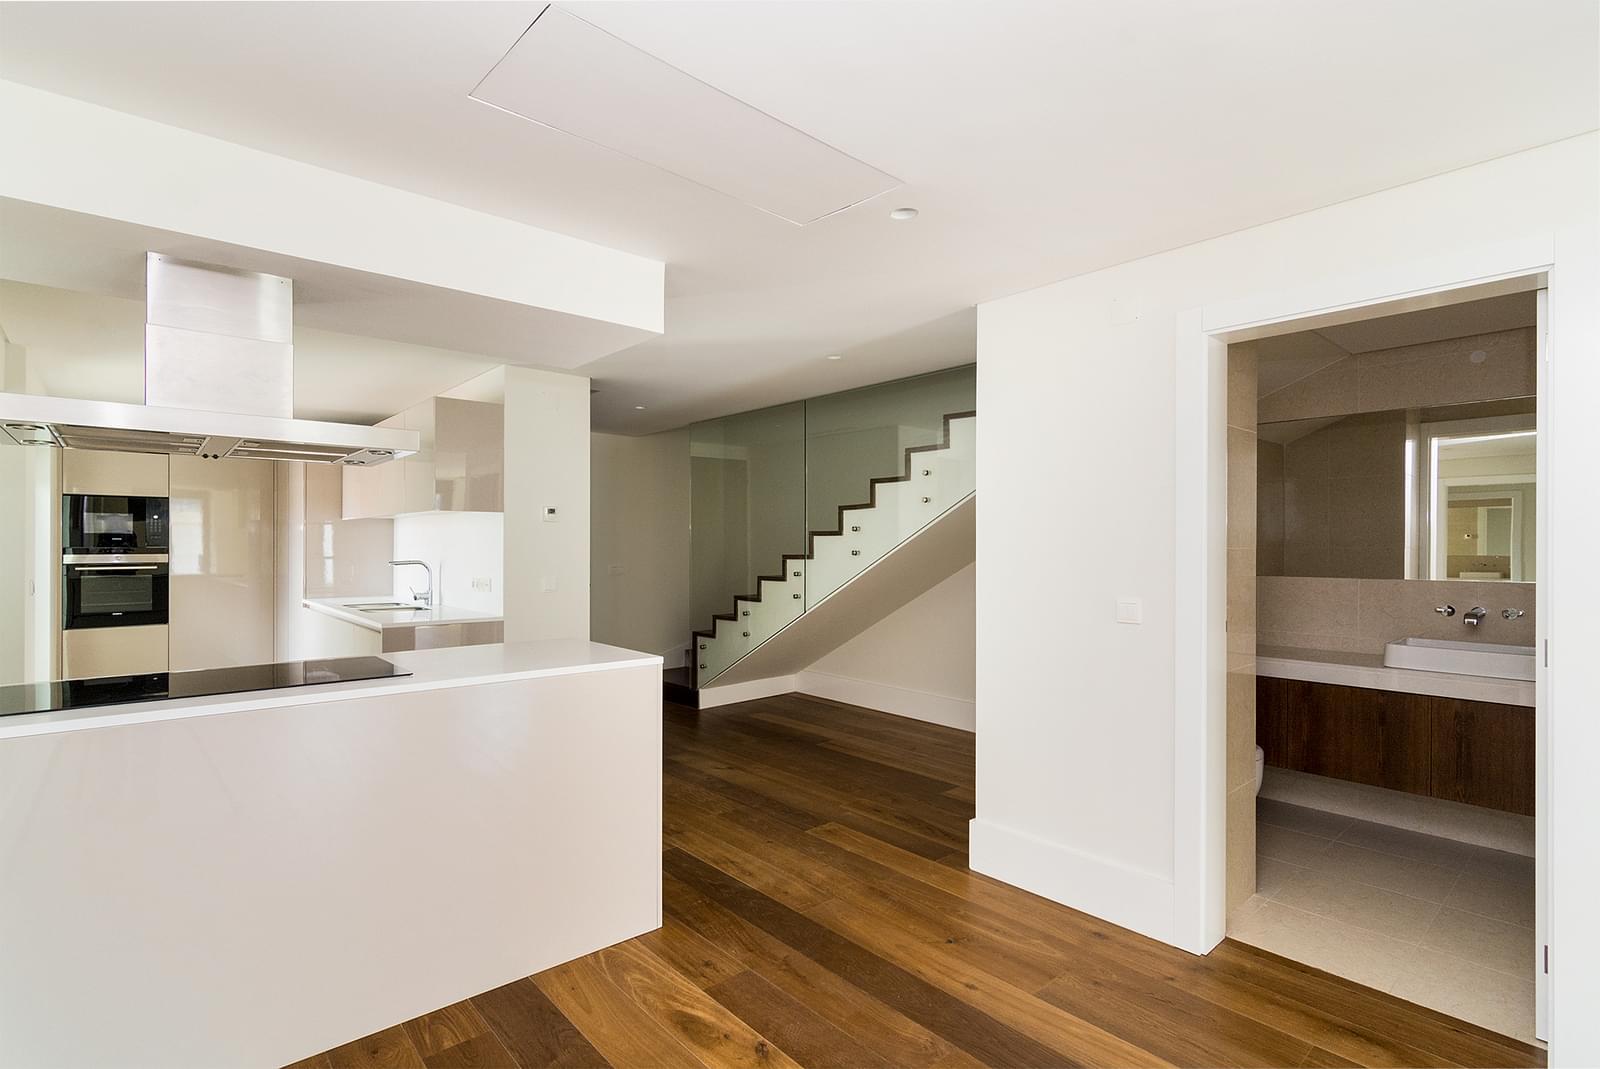 pf17442-apartamento-t3-lisboa-1ed9fff6-fd93-4ce2-b079-9ab3e2e71791